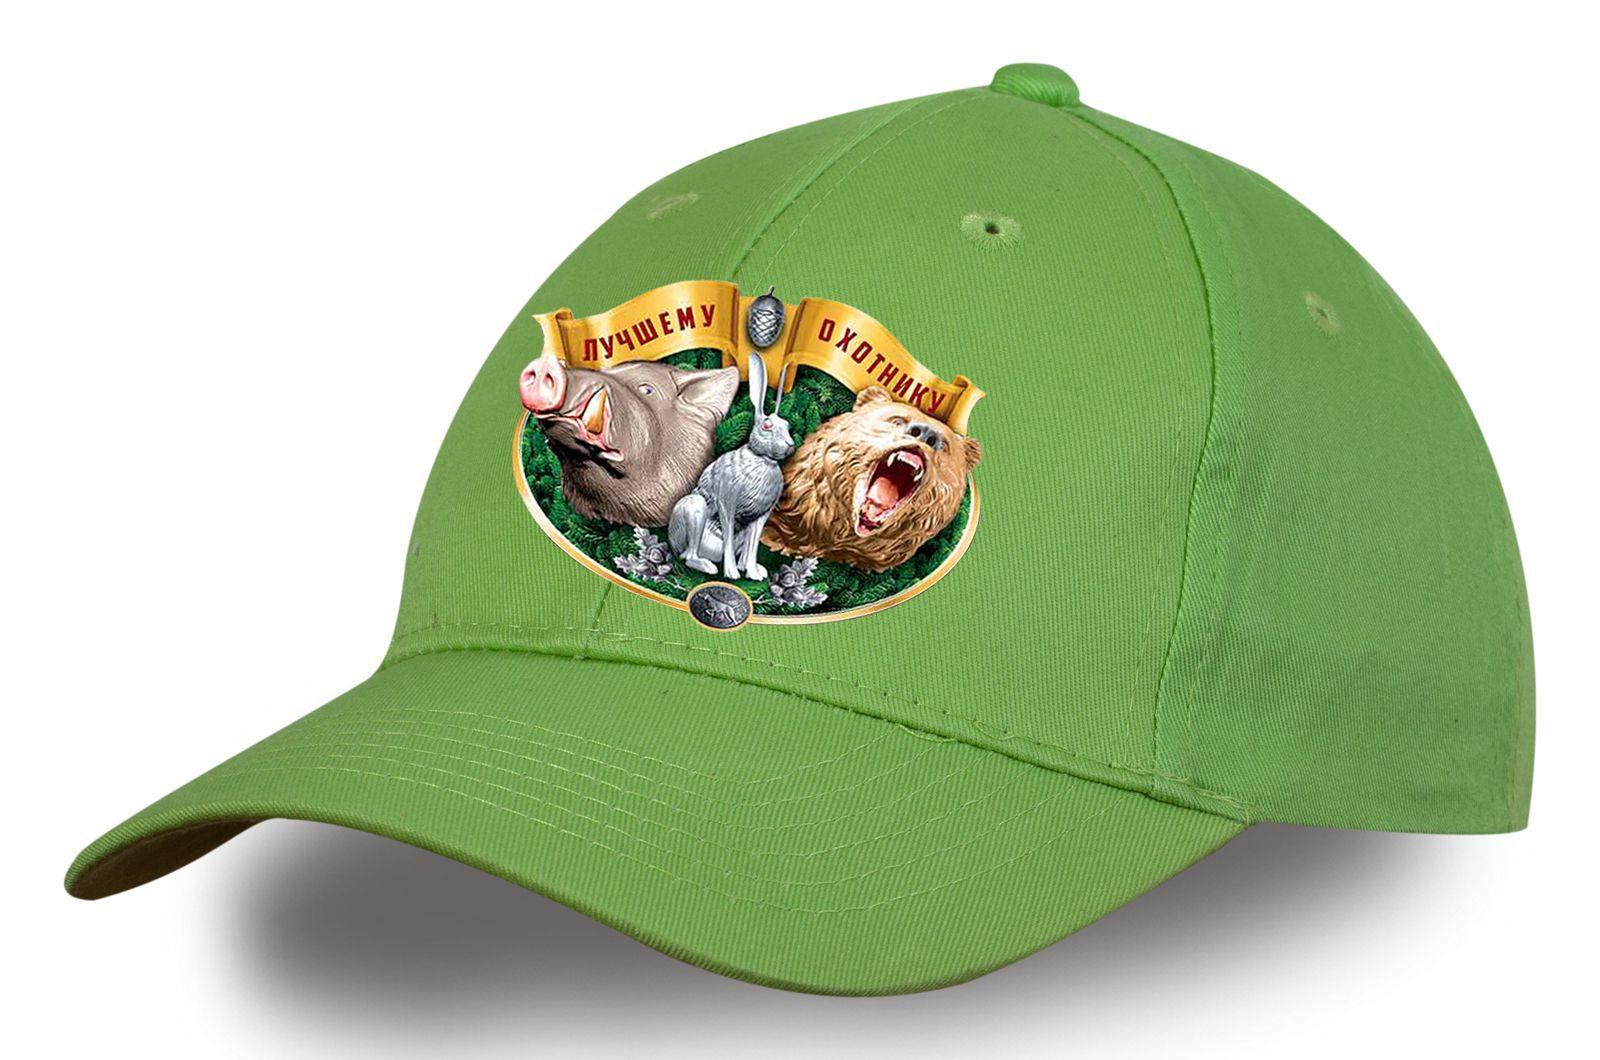 Охотничья кепка светло-зеленая - купить с доставкой в интернет-магазине